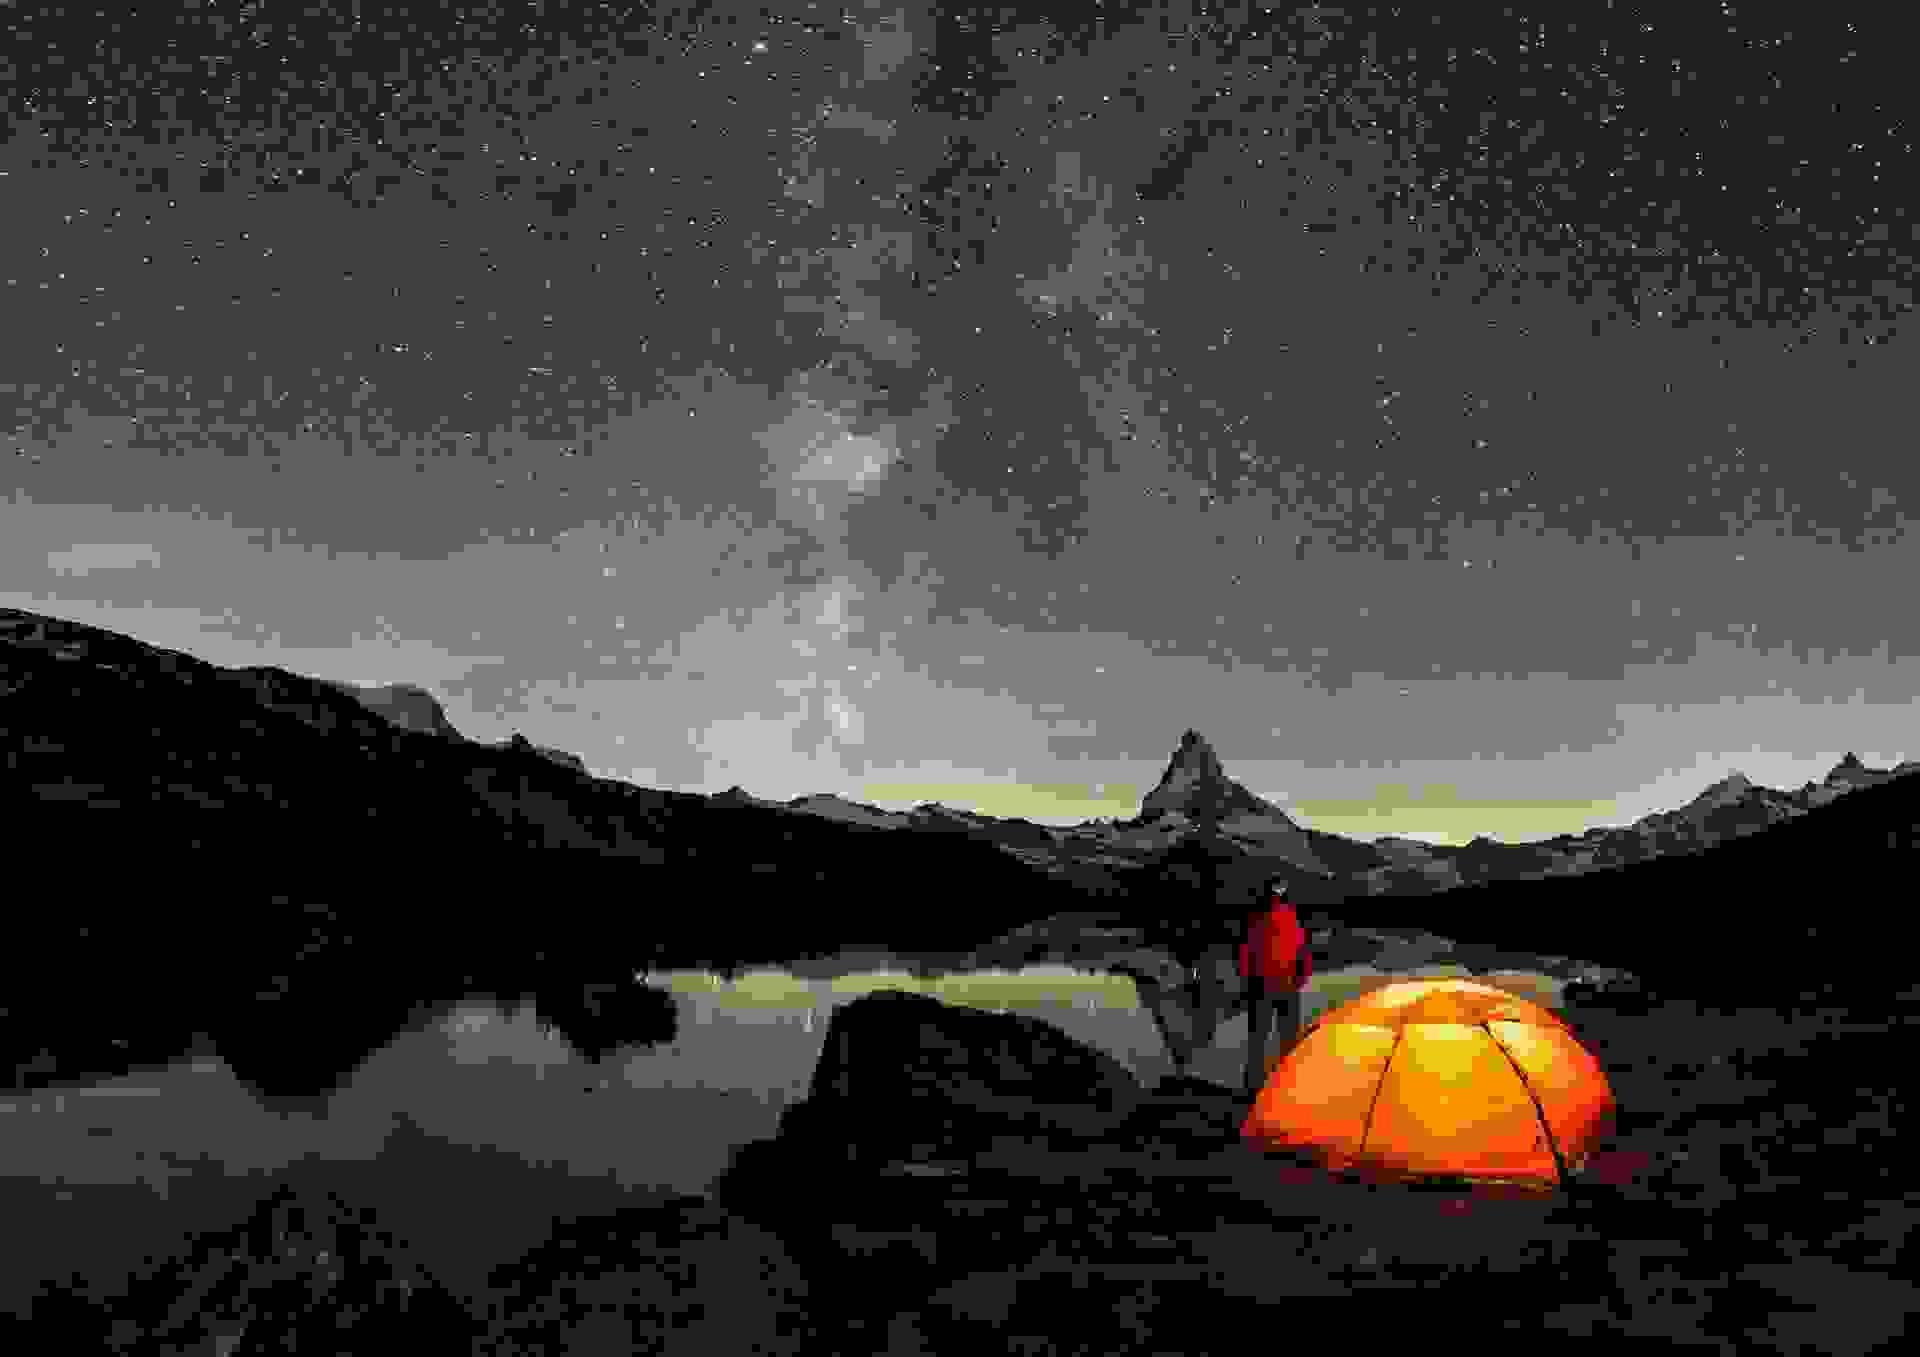 Ein Zelt steht in der Nacht vor dem Matterhorn.